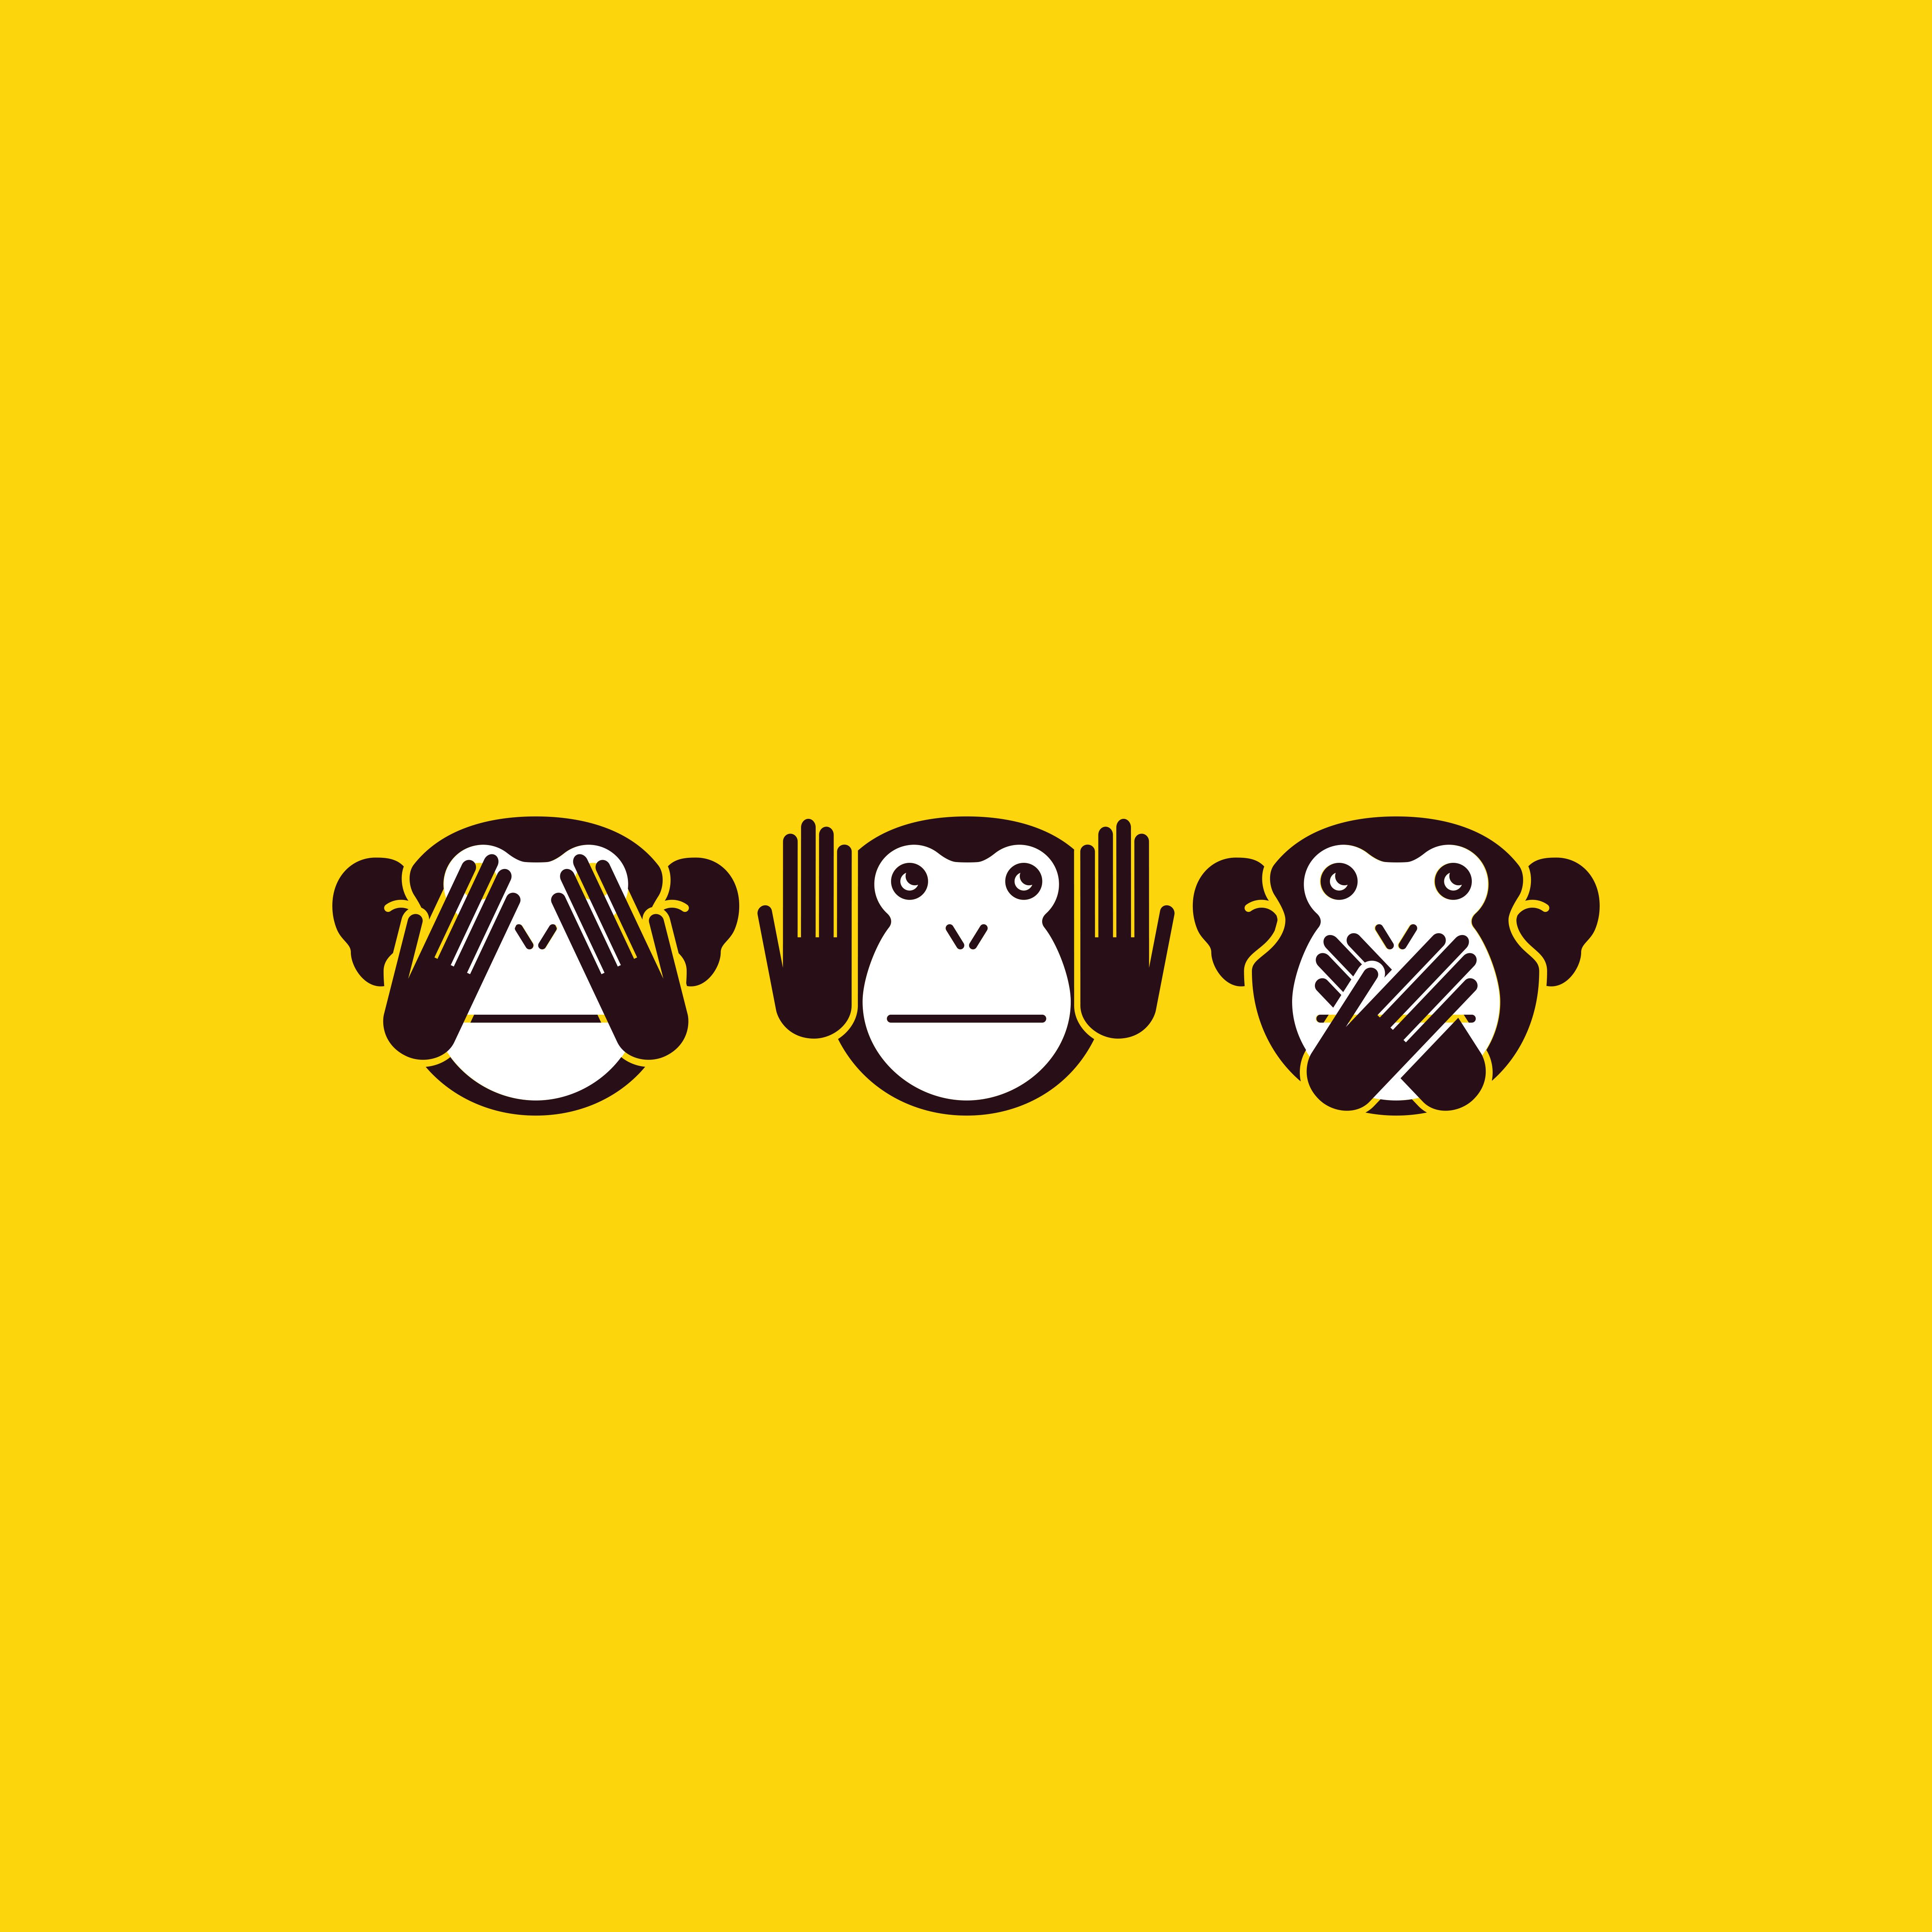 Augen affe die der zuhält sich Emoji nichts